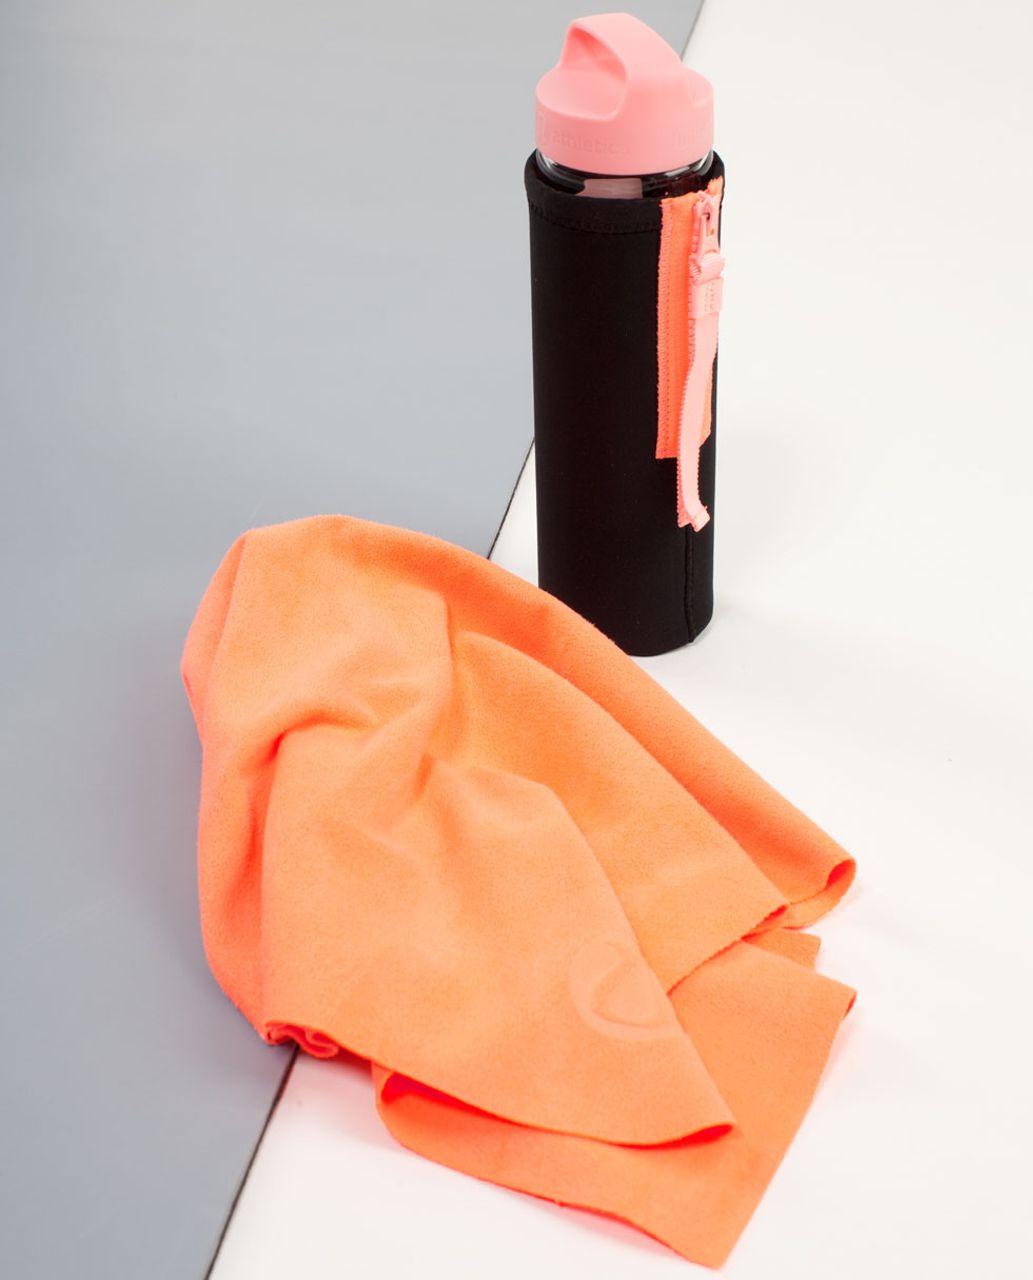 Lululemon The (Small) Towel - Pop Orange